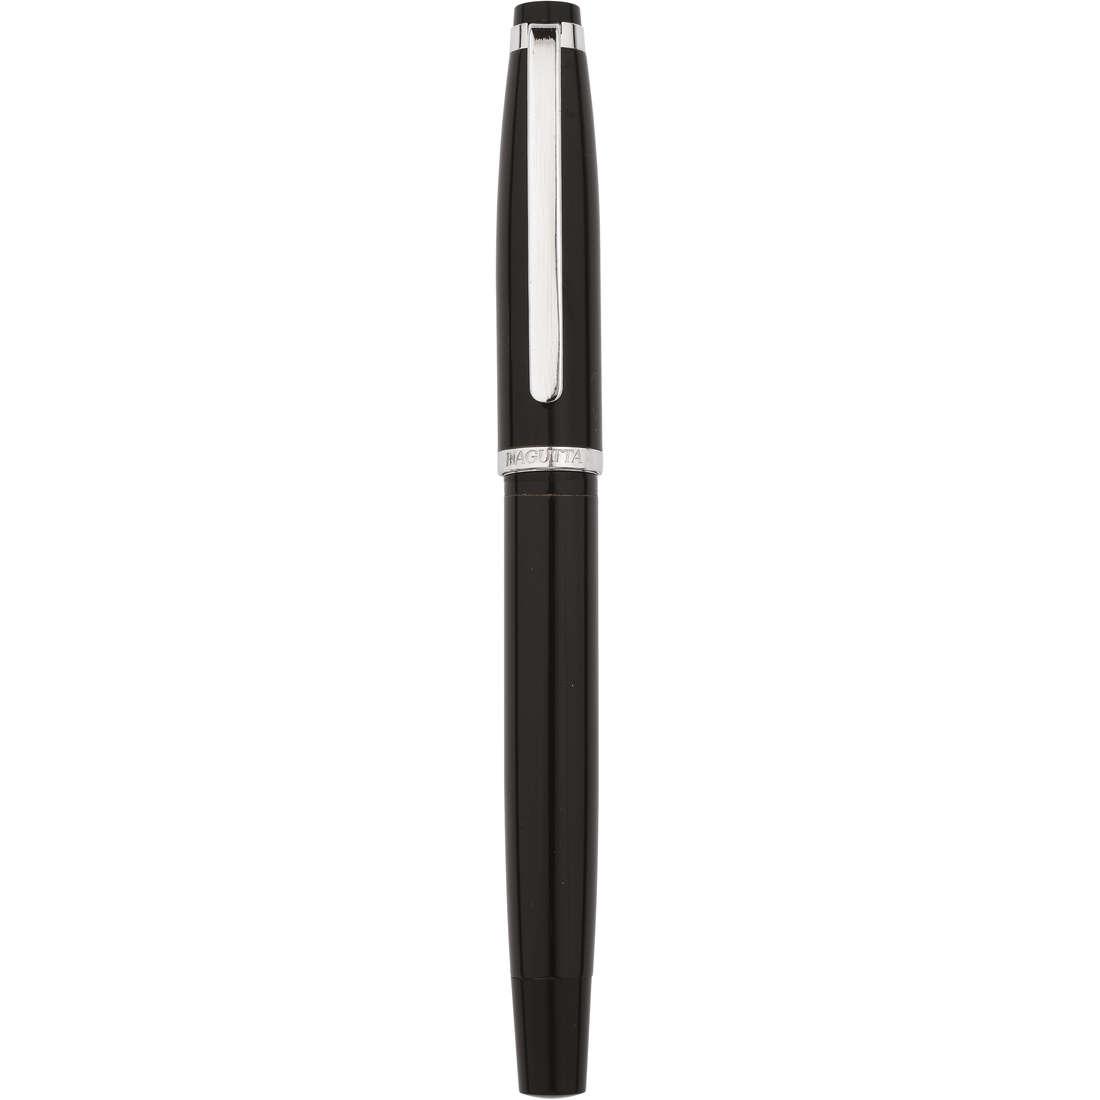 penna unisex gioielli Bagutta H 6000-02 S